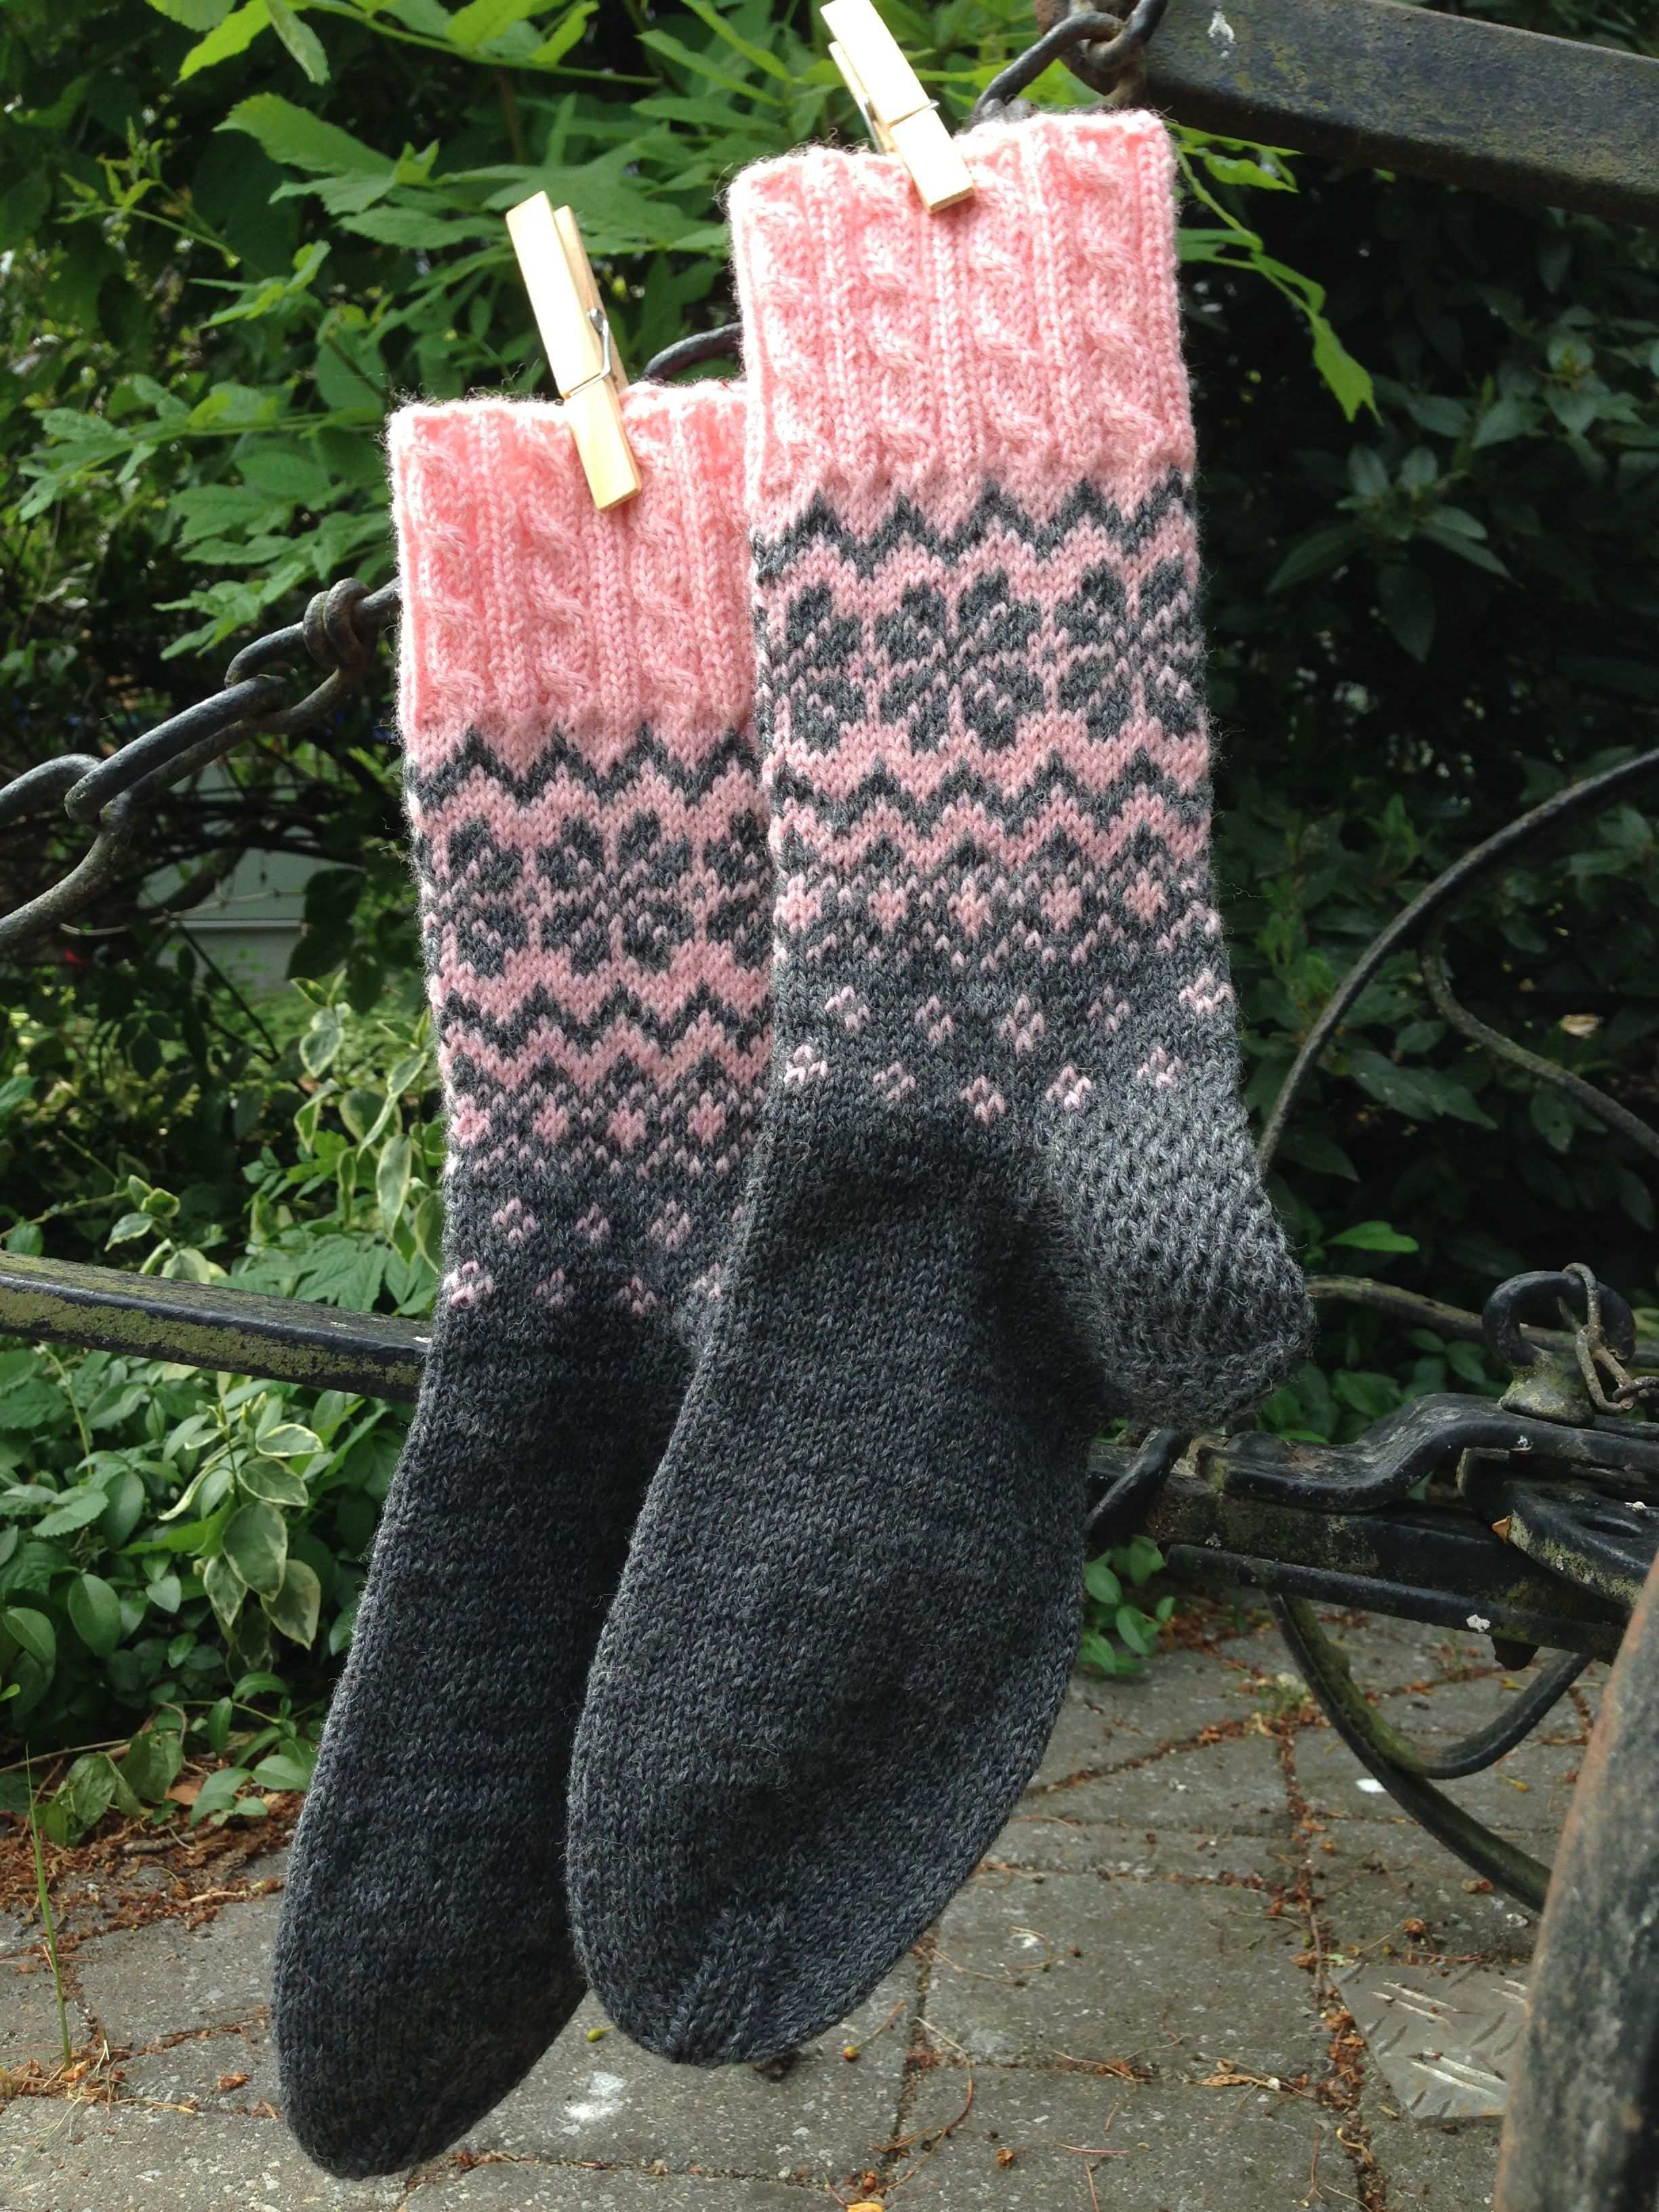 Norwegermuster Mit Liebe Selbstgemachtes Norwegermuster Stricken Socken Stricken Muster Norwegermuster